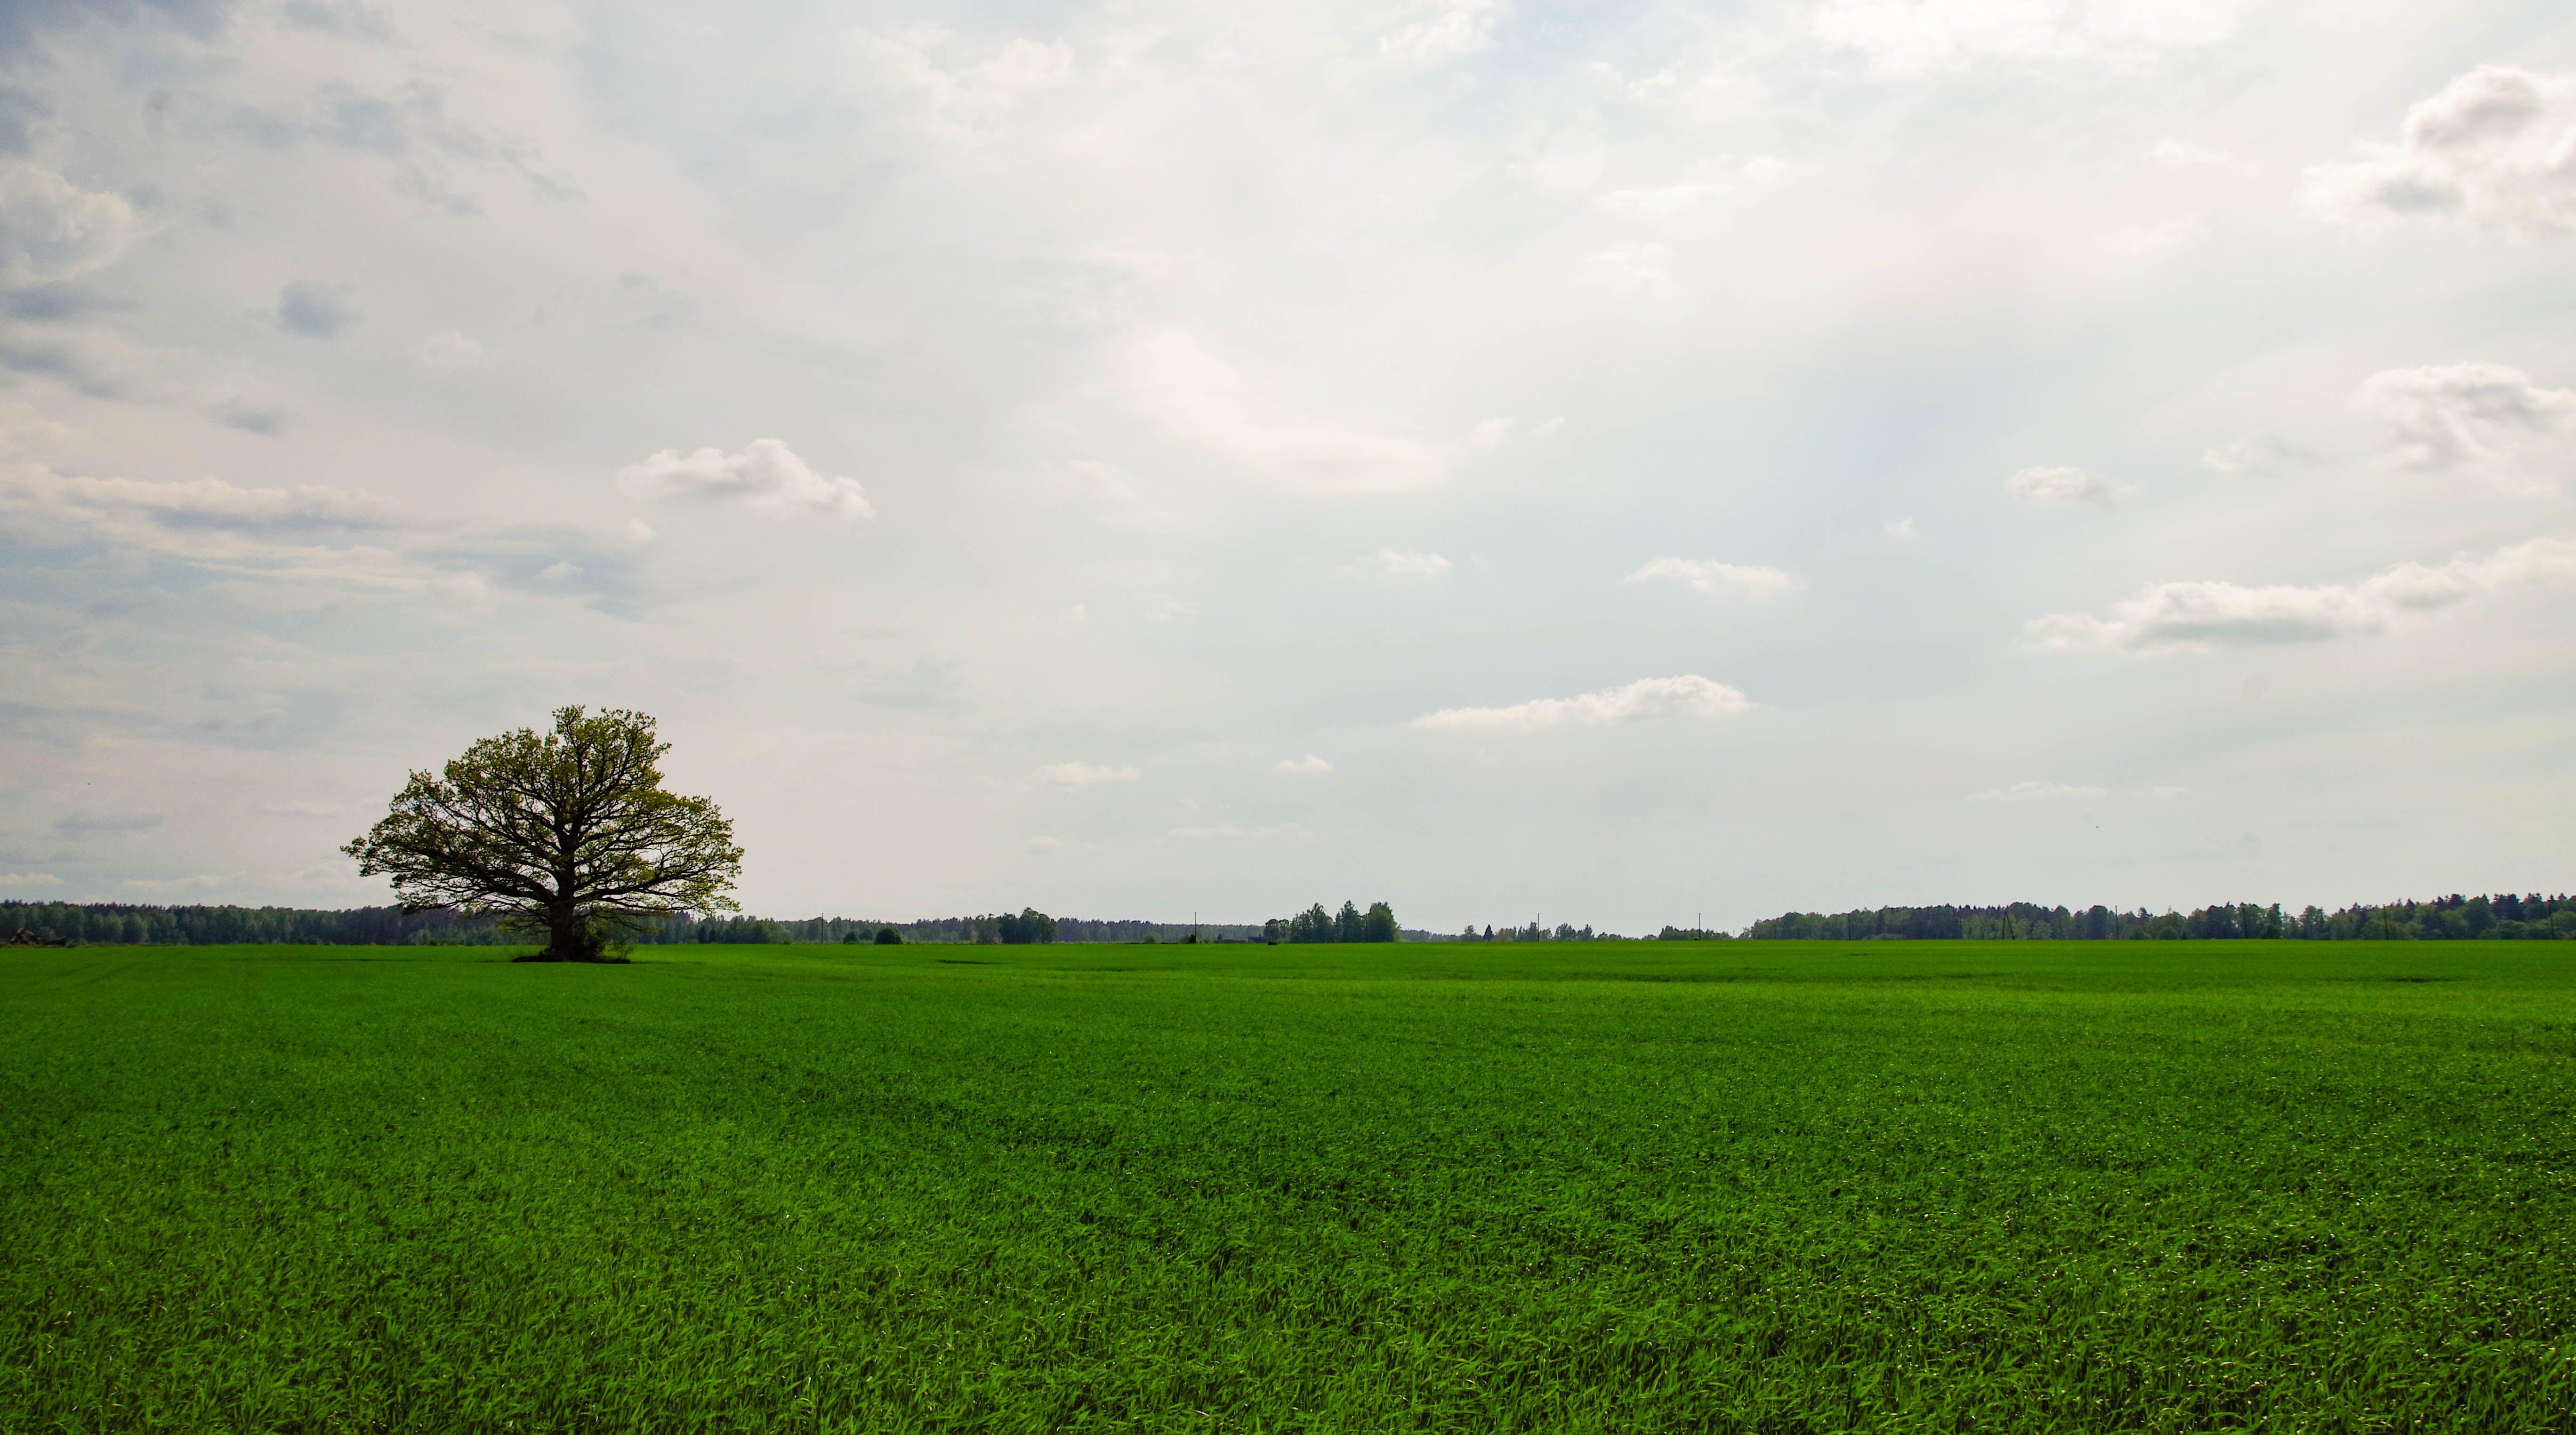 Fotos de stock gratuitas de arboles, campo, césped, cielo